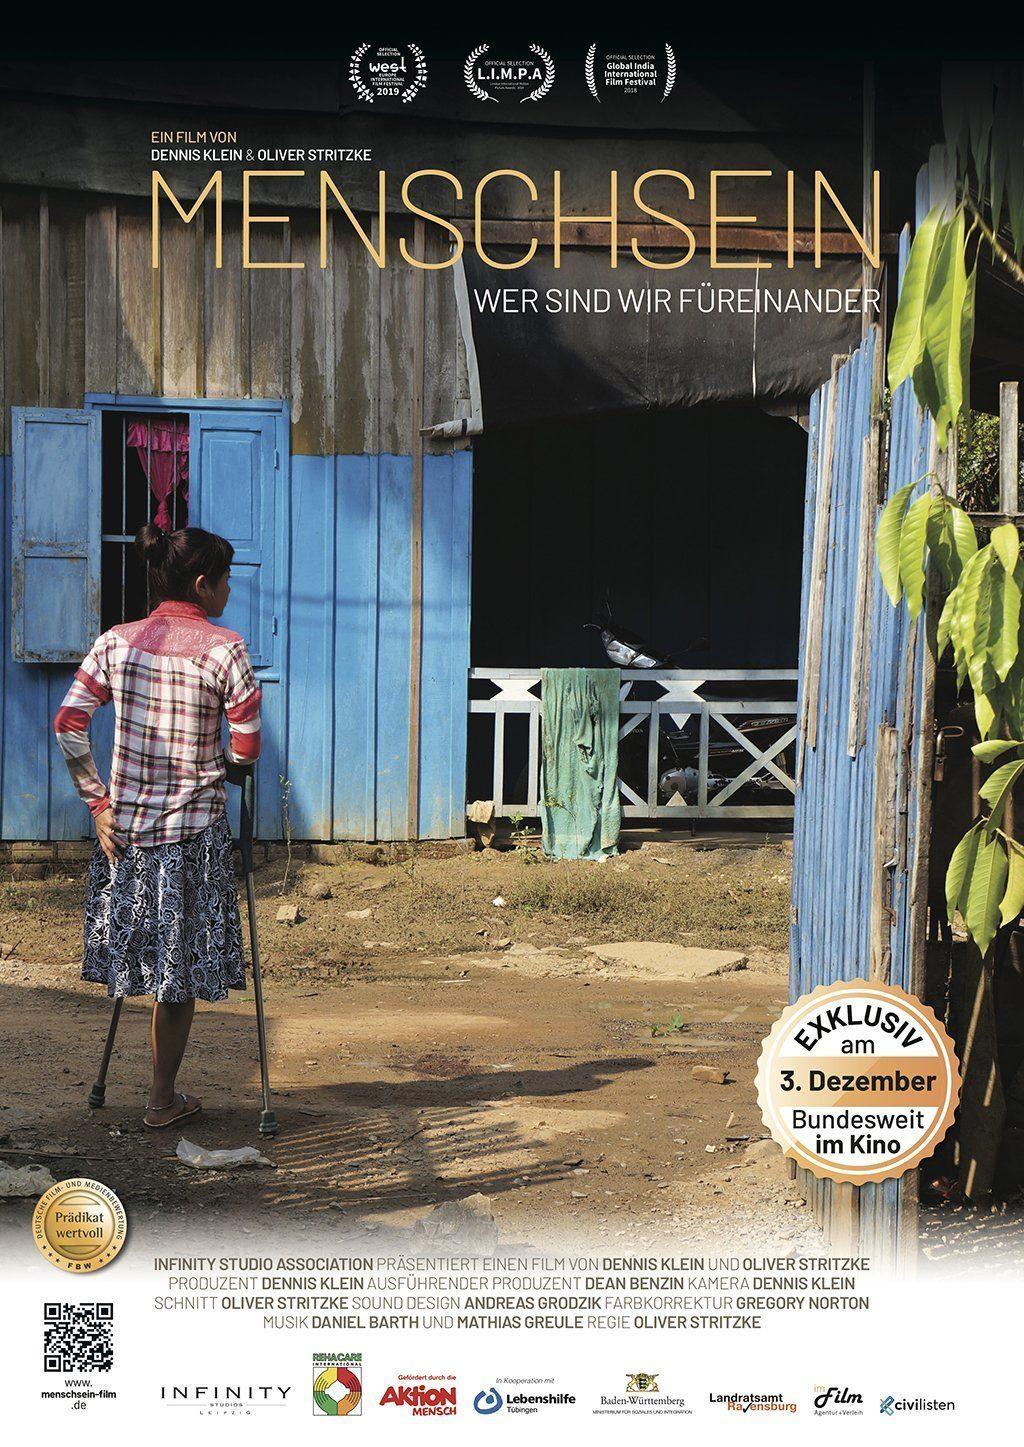 Frau mit einem Bein und Gehilfe steht vor einer blauen Hütte